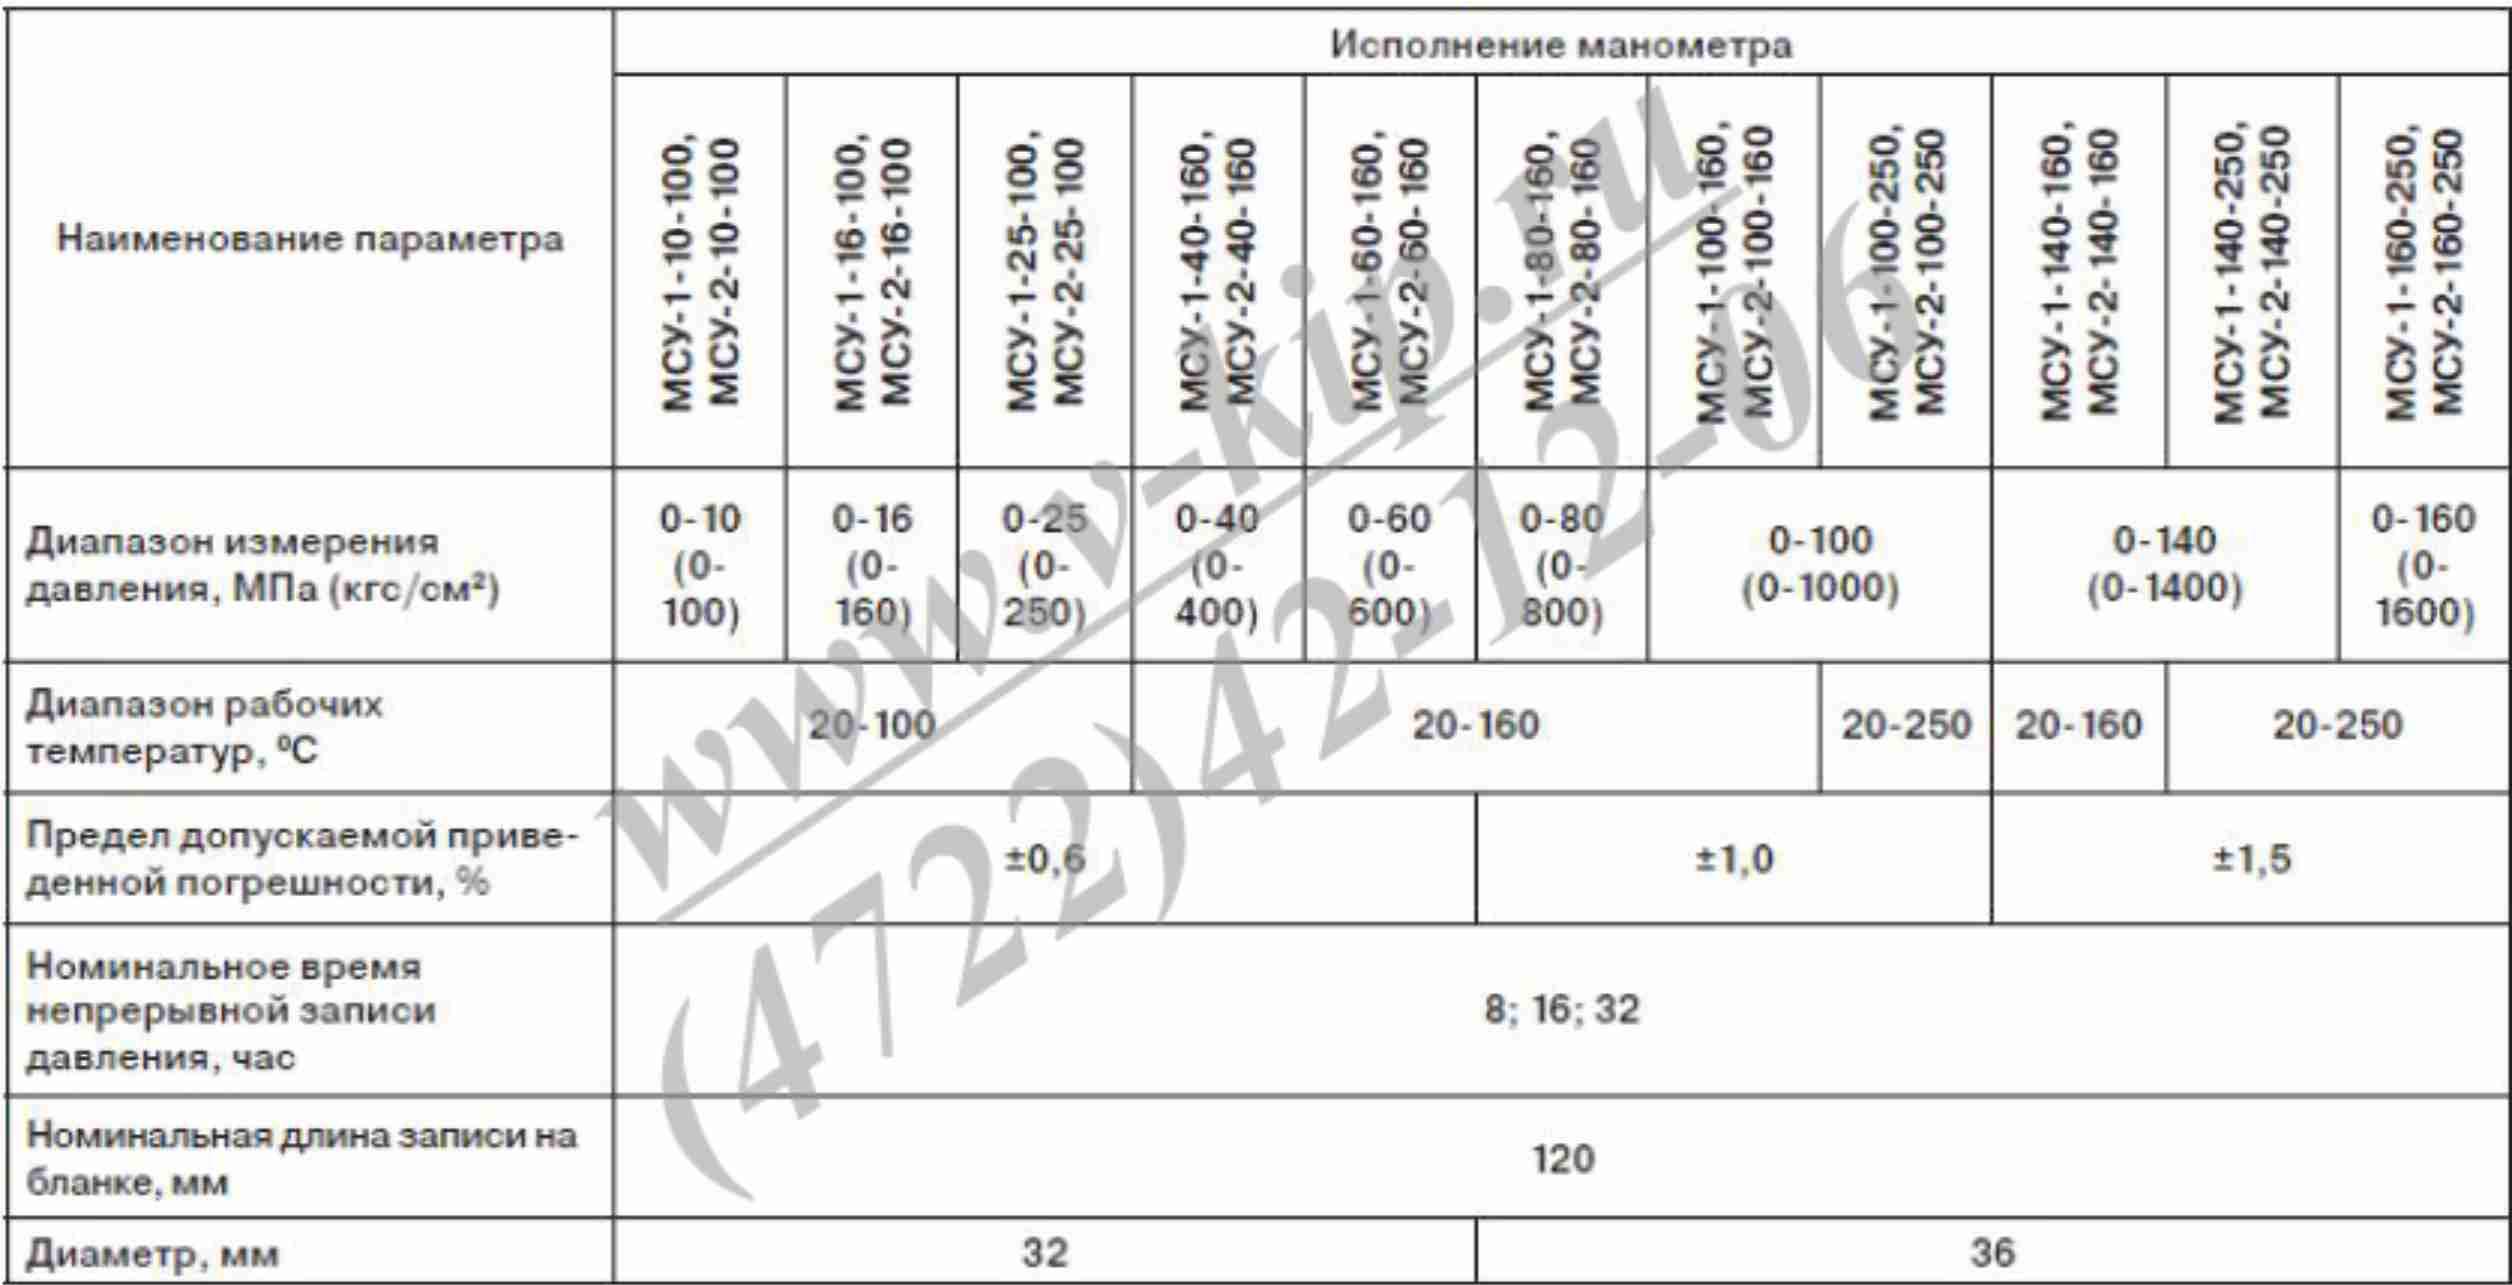 Основные технические данные манометров МСУ